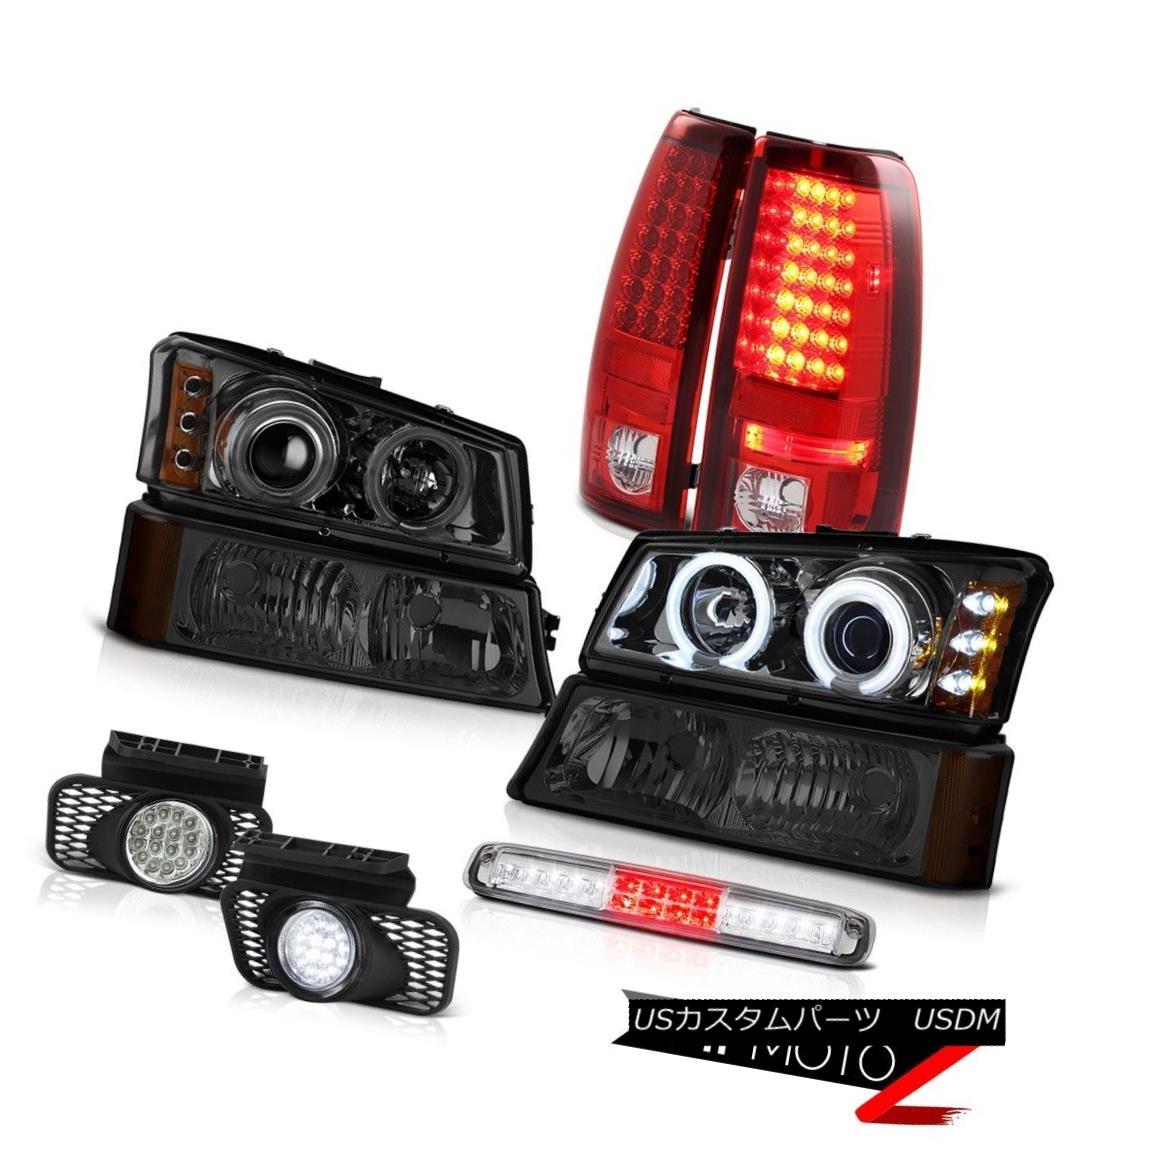 テールライト 2003-2006 Chevy Silverado Bumper Lamp Roof Brake Foglights Headlamps Tail Lights 2003-2006シボレーシルバラードバンパーランプルーフブレーキフォグライトヘッドランプテールライト